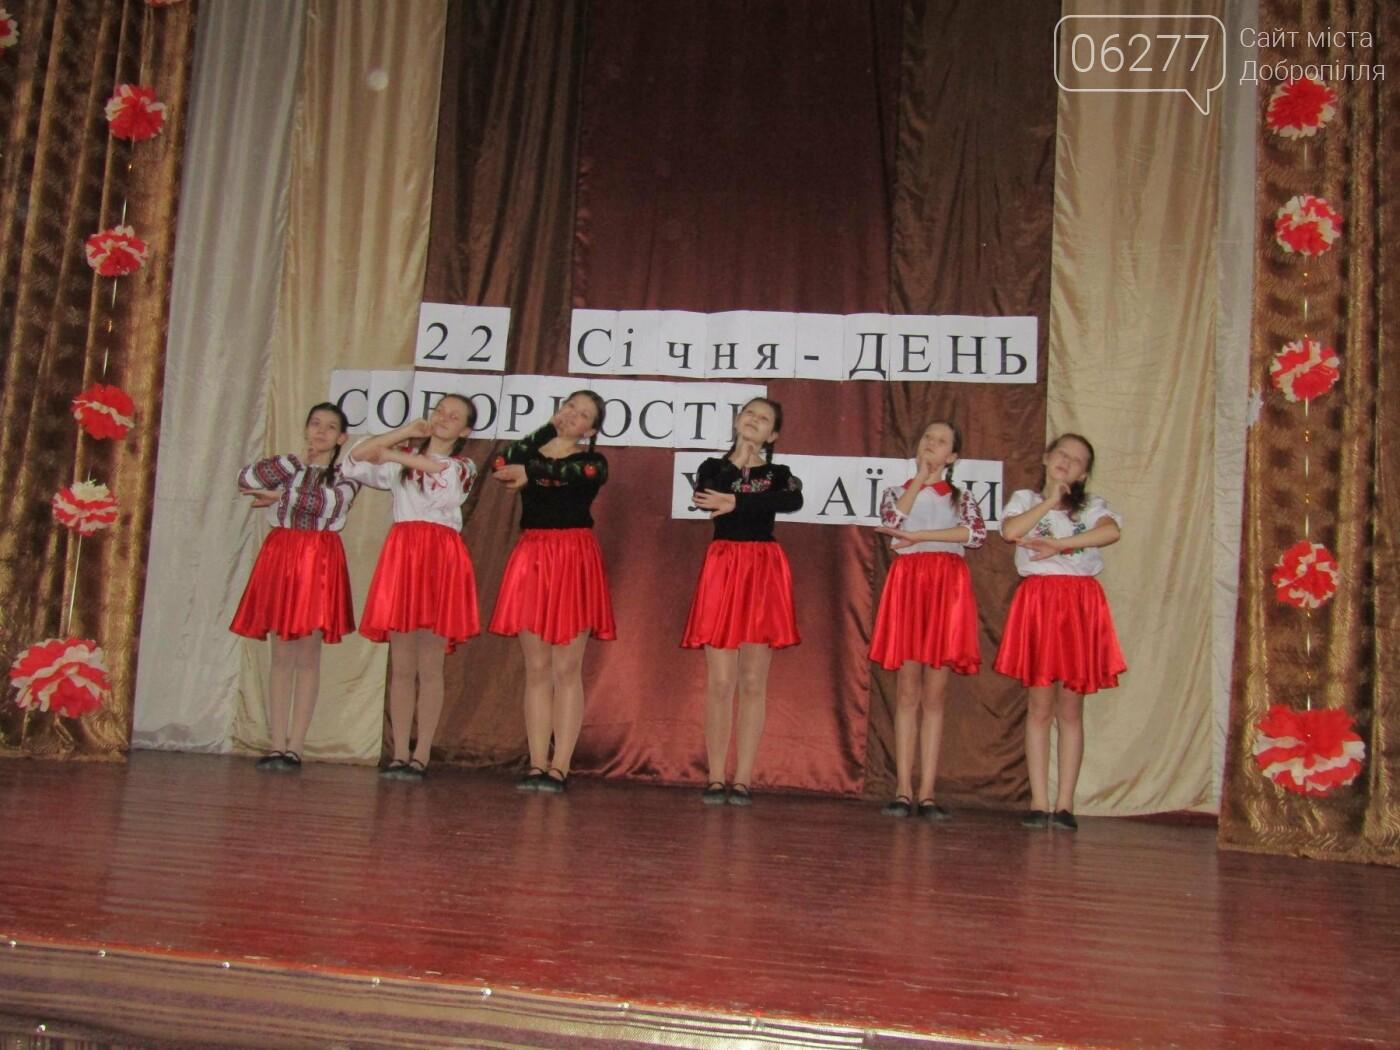 Як минув День Соборності України в освітніх закладах Добропілля, фото-4